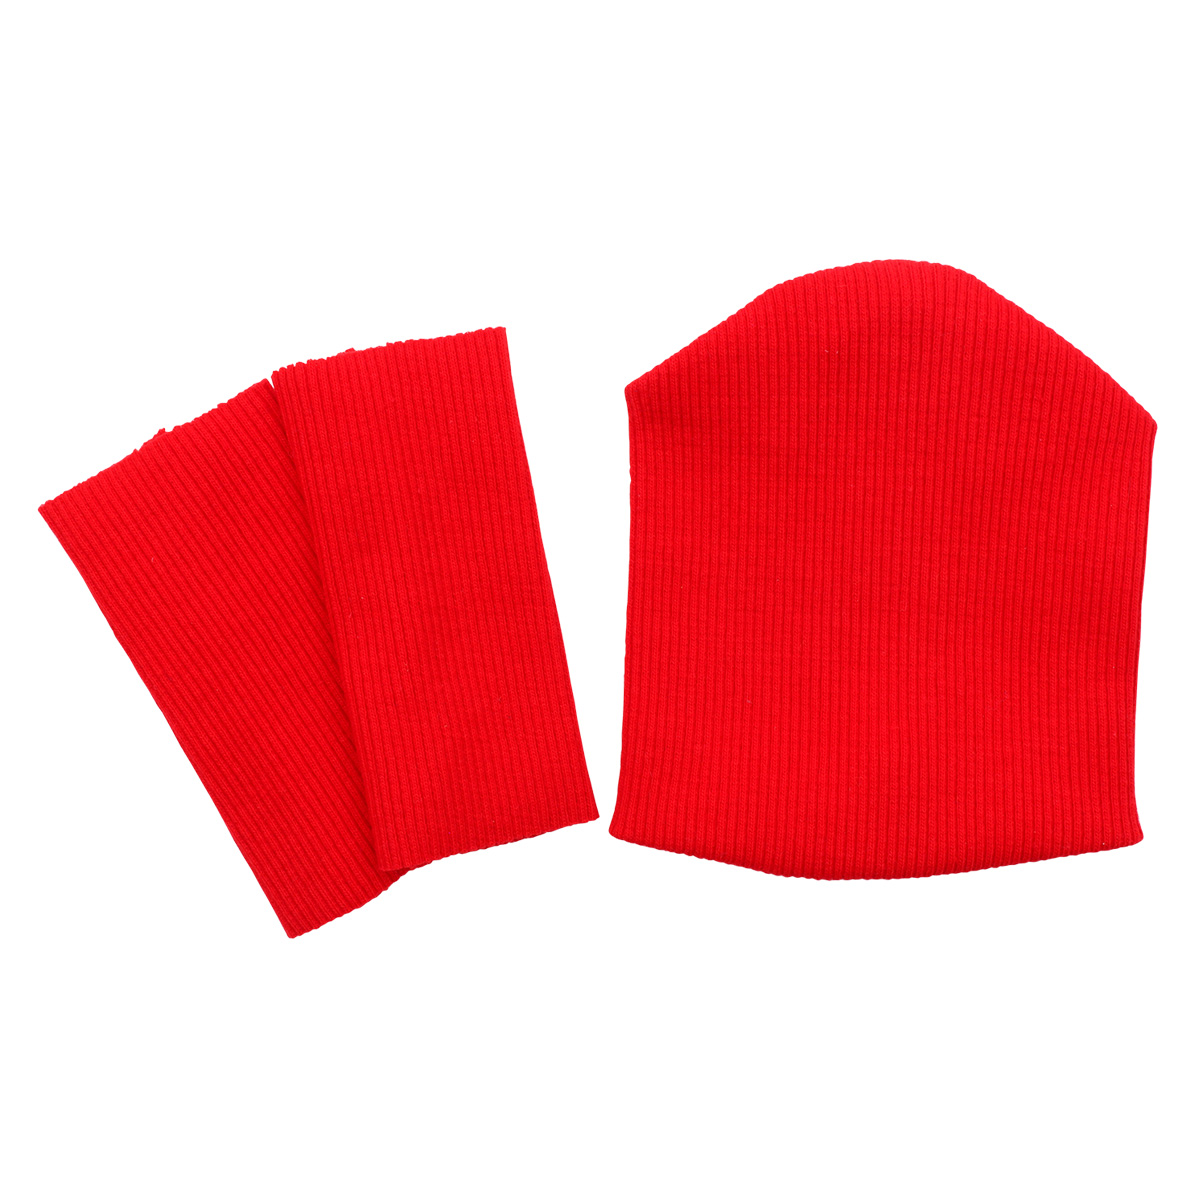 28875 Комплект одежды для игрушек цв.красный: шапка/ гетры 9,5см*10см/ 3см*8см. Состав: 95% х/б+5% лайкры